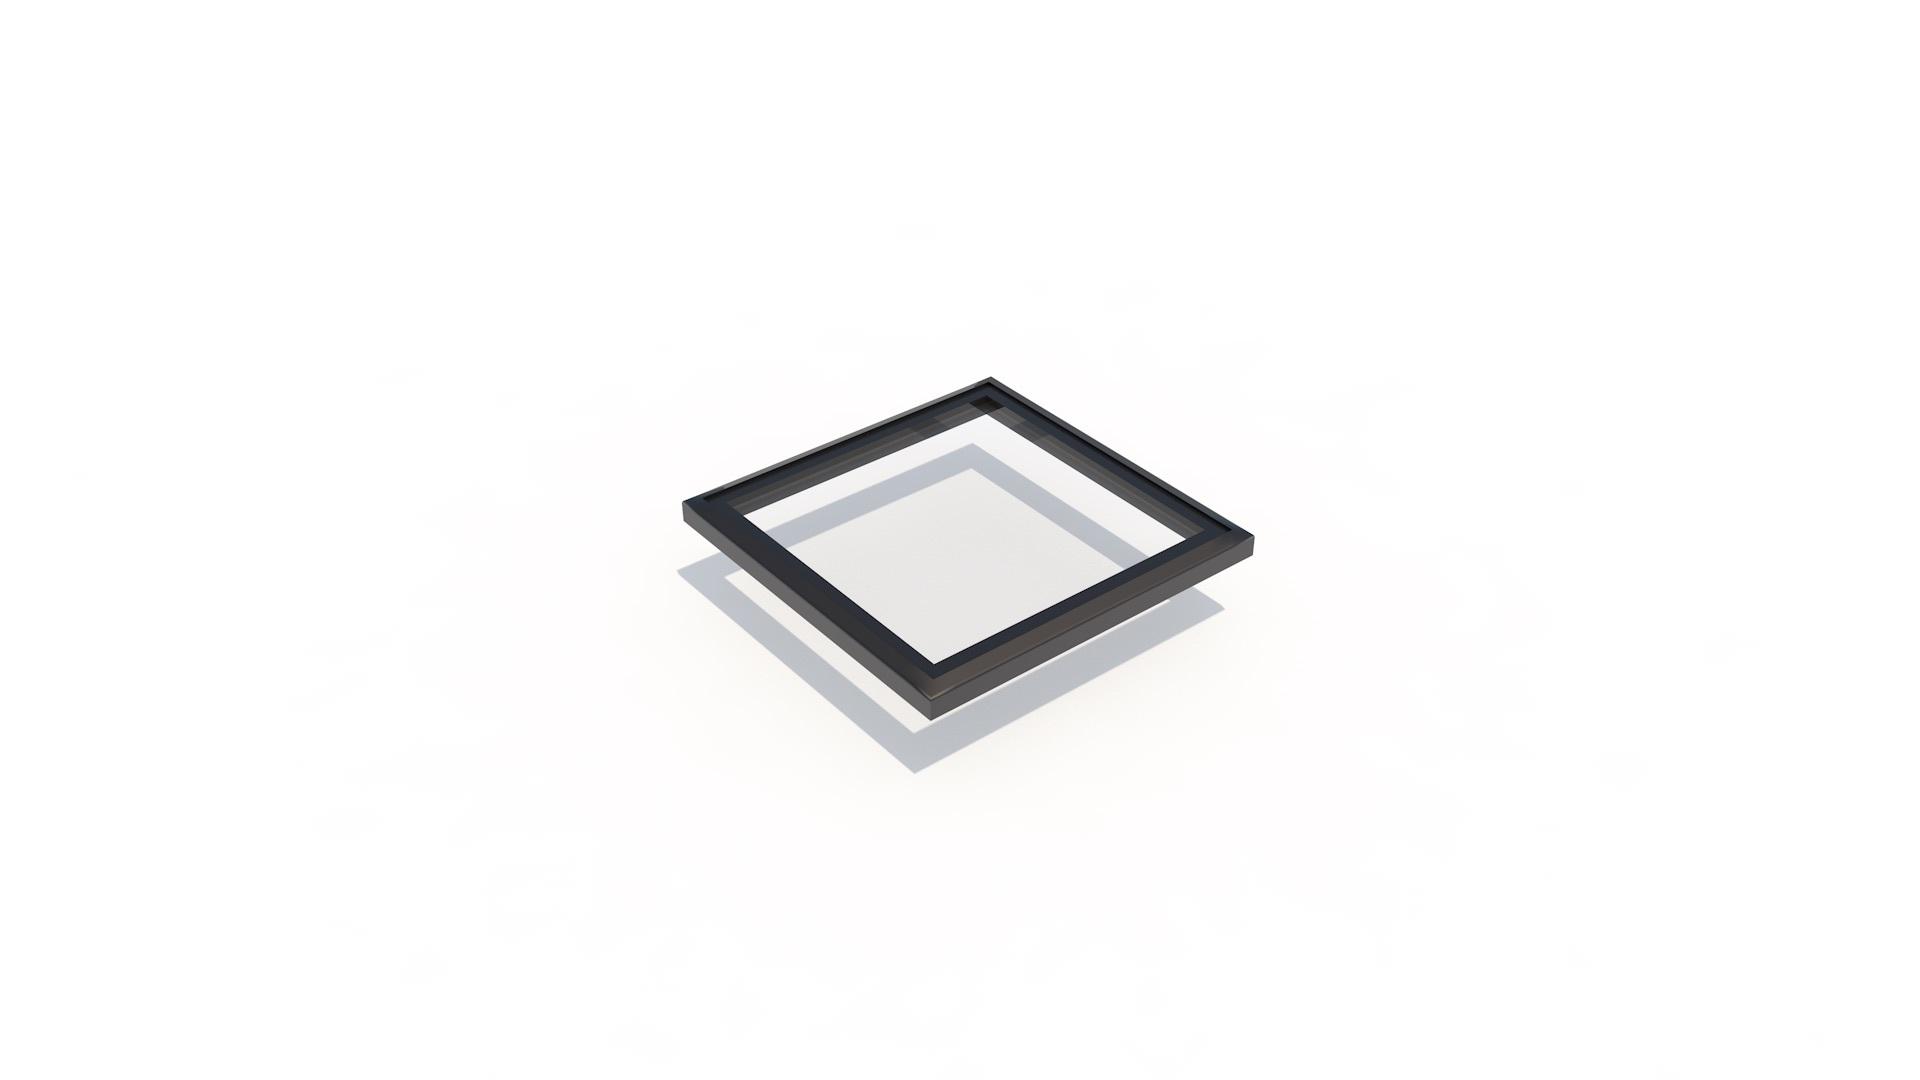 Frameless flat 500 x 500 - Frameless flat Skylight